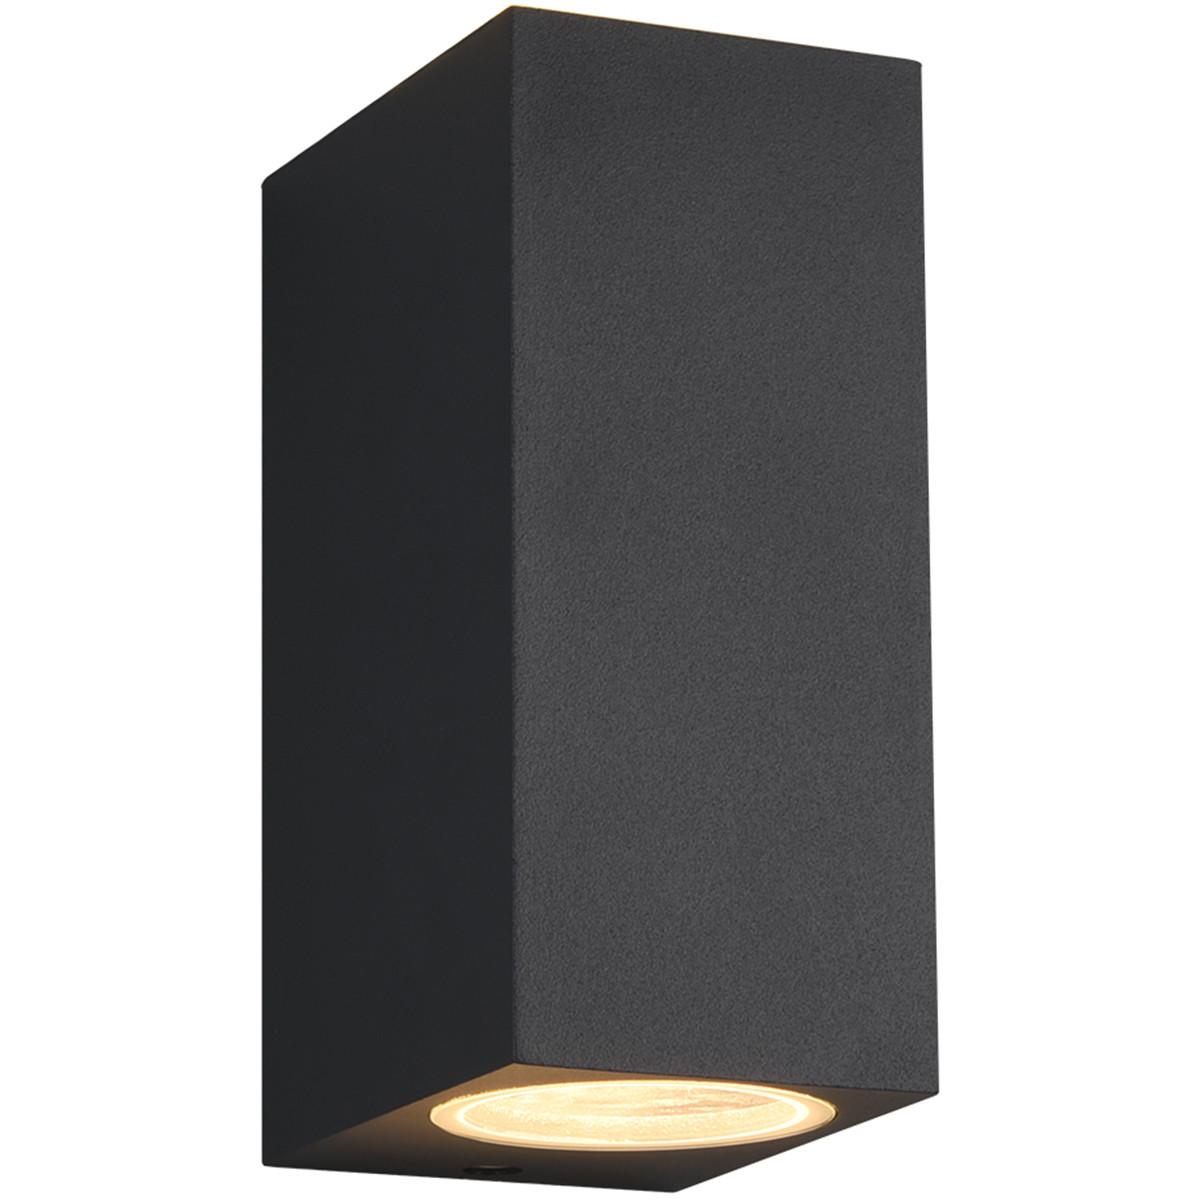 LED Tuinverlichting - Tuinlamp - Trion Royina - Wand - GU10 Fitting - Mat Zwart - Aluminium - Rechth